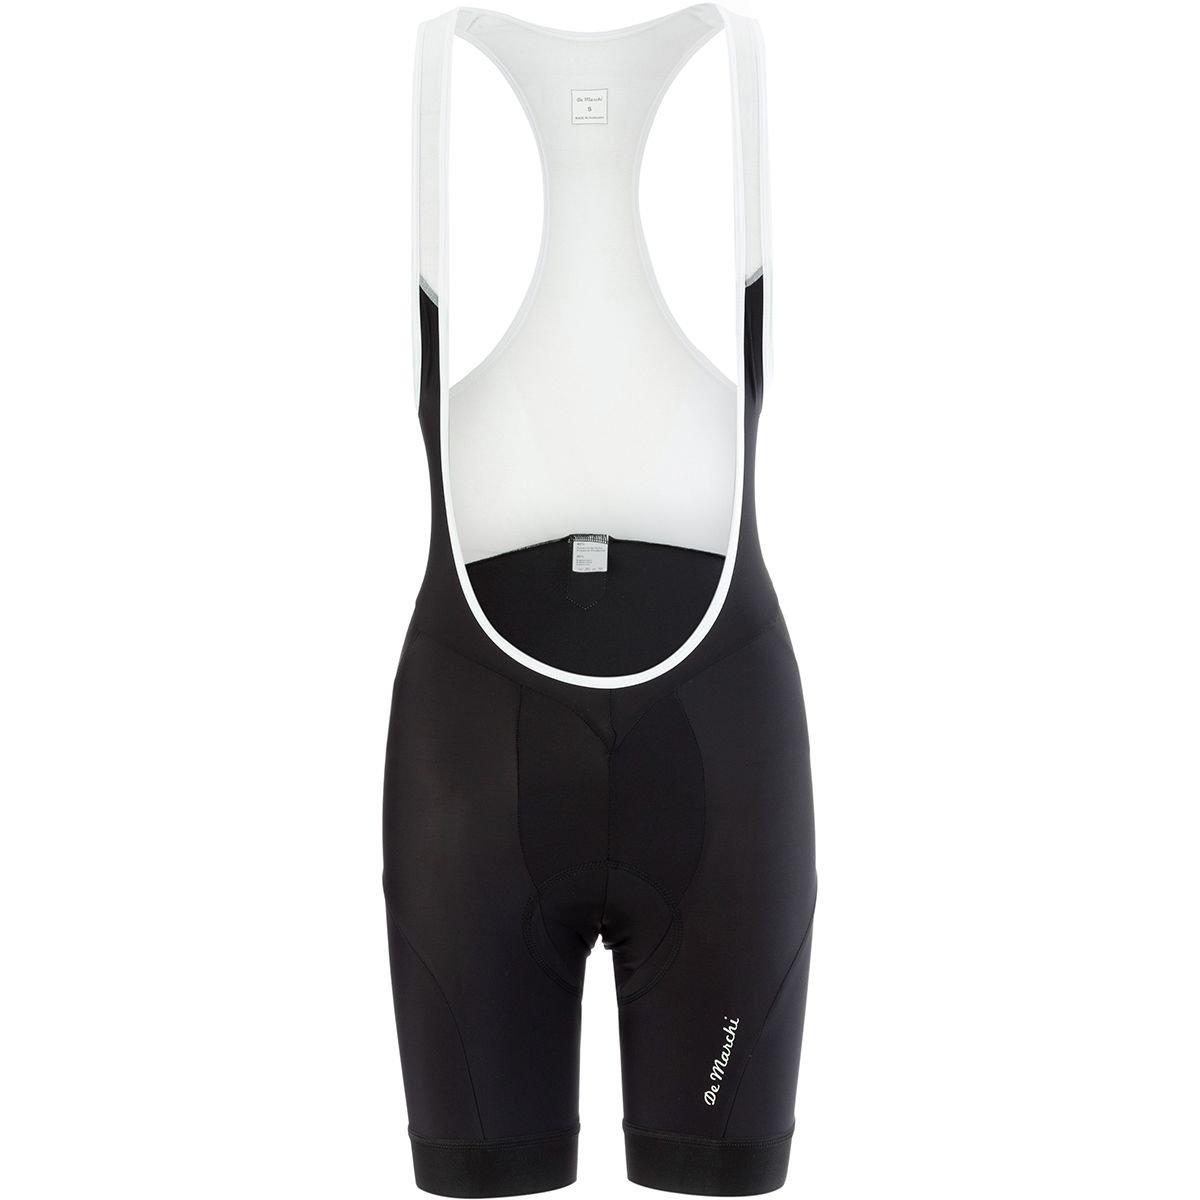 De Marchi Leggero Bib Short – Women 's X-Small ブラック B07CSWYD6J